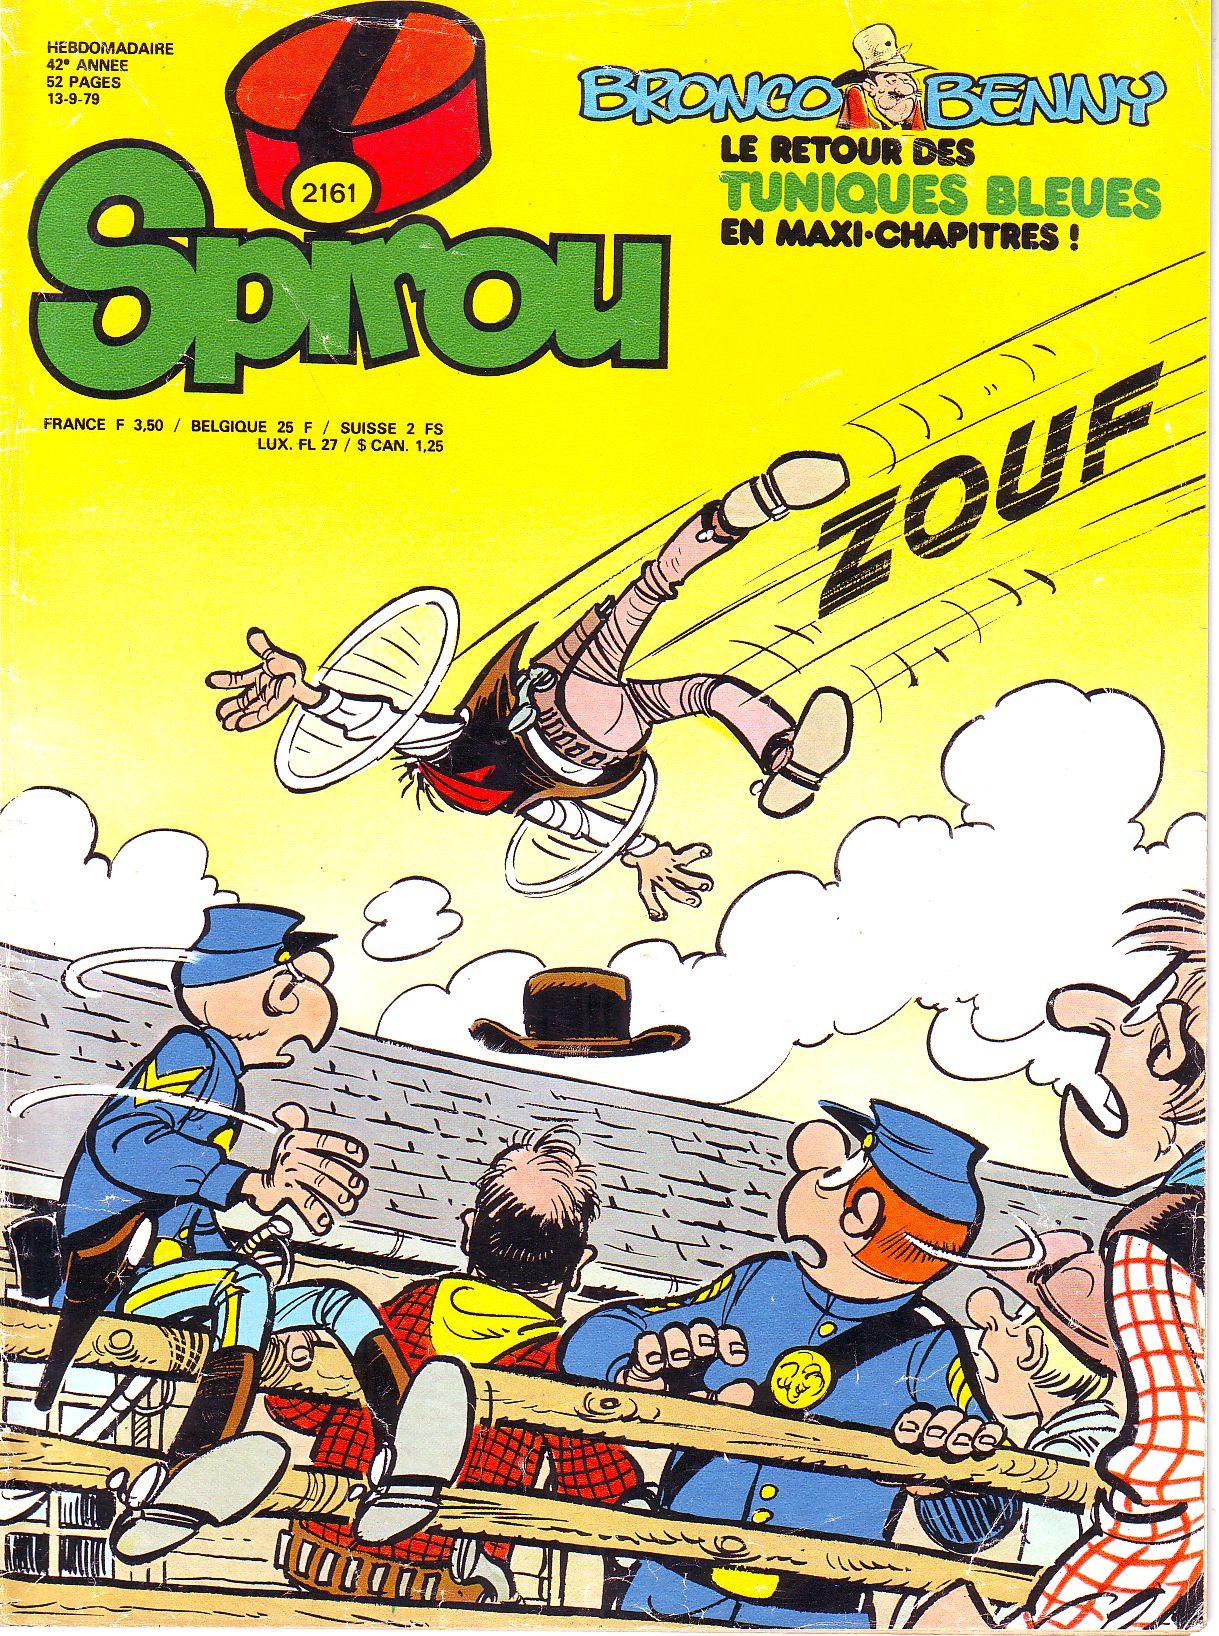 Le journal de Spirou 2161